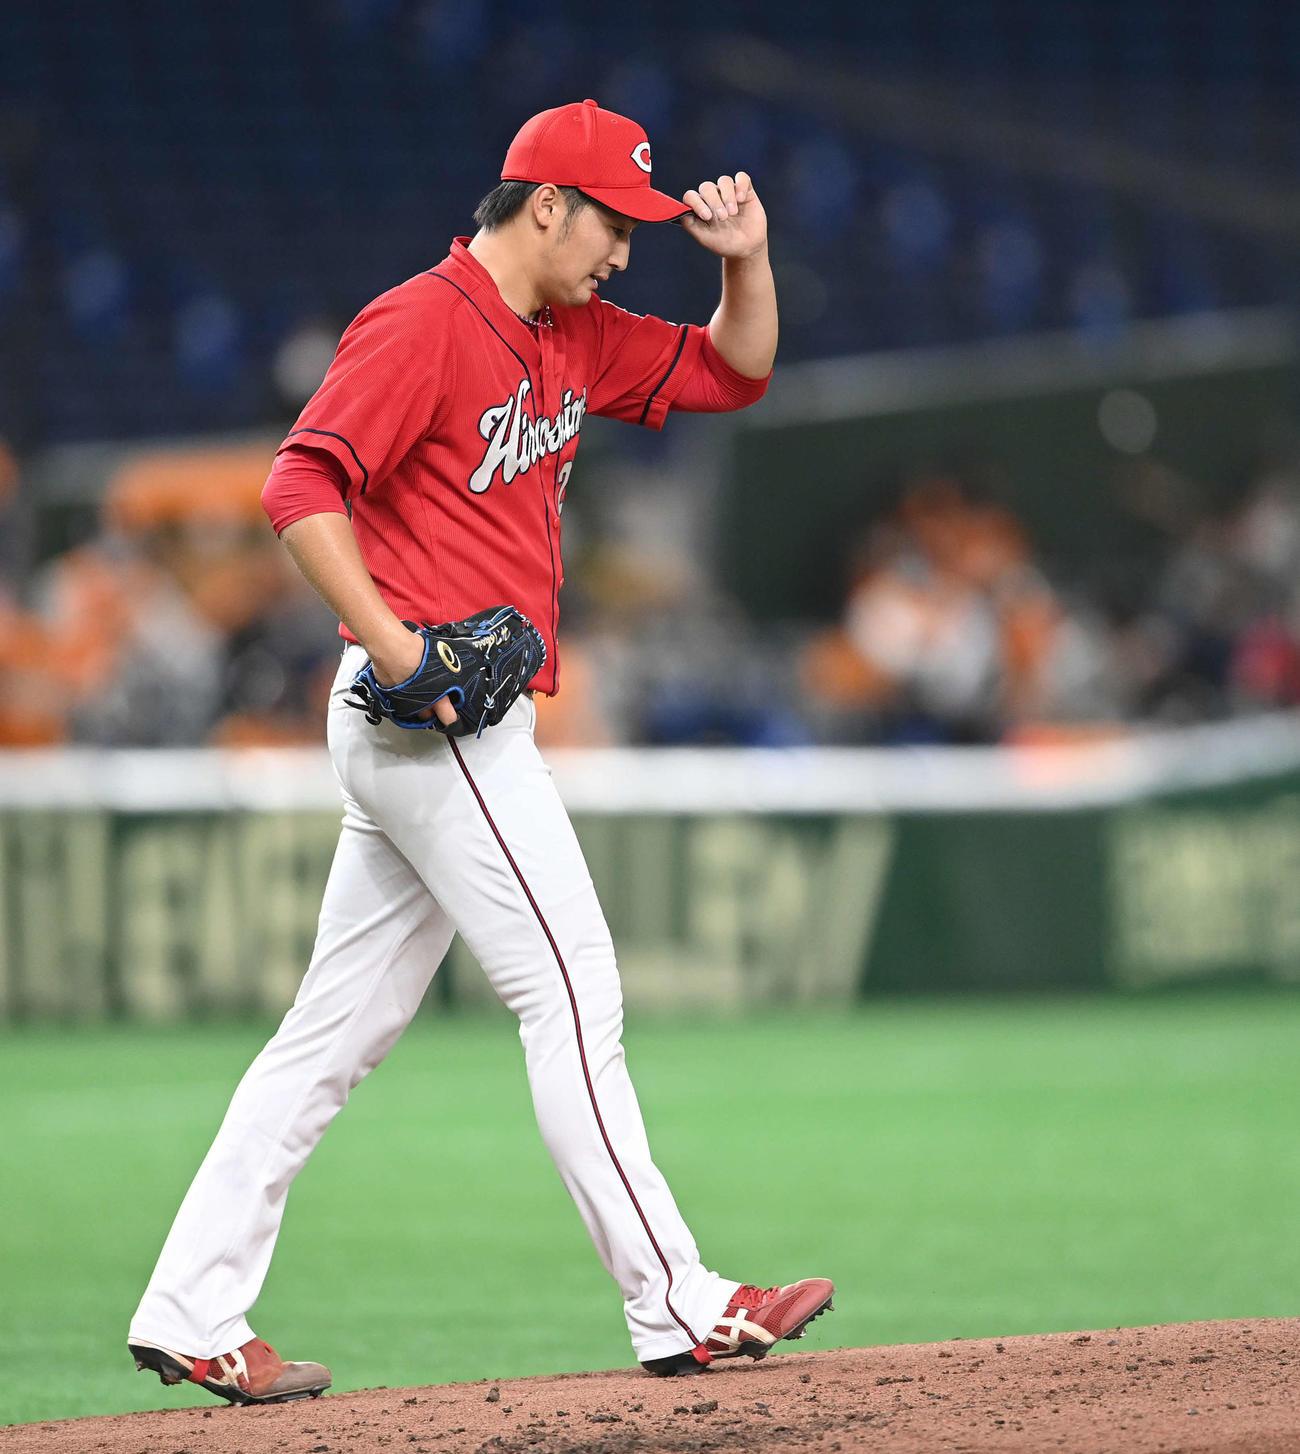 巨人対広島 3回裏巨人無死一、二塁、丸の内野安打と一塁手松山の悪送球で失点し、下を向く床田(撮影・鈴木みどり)